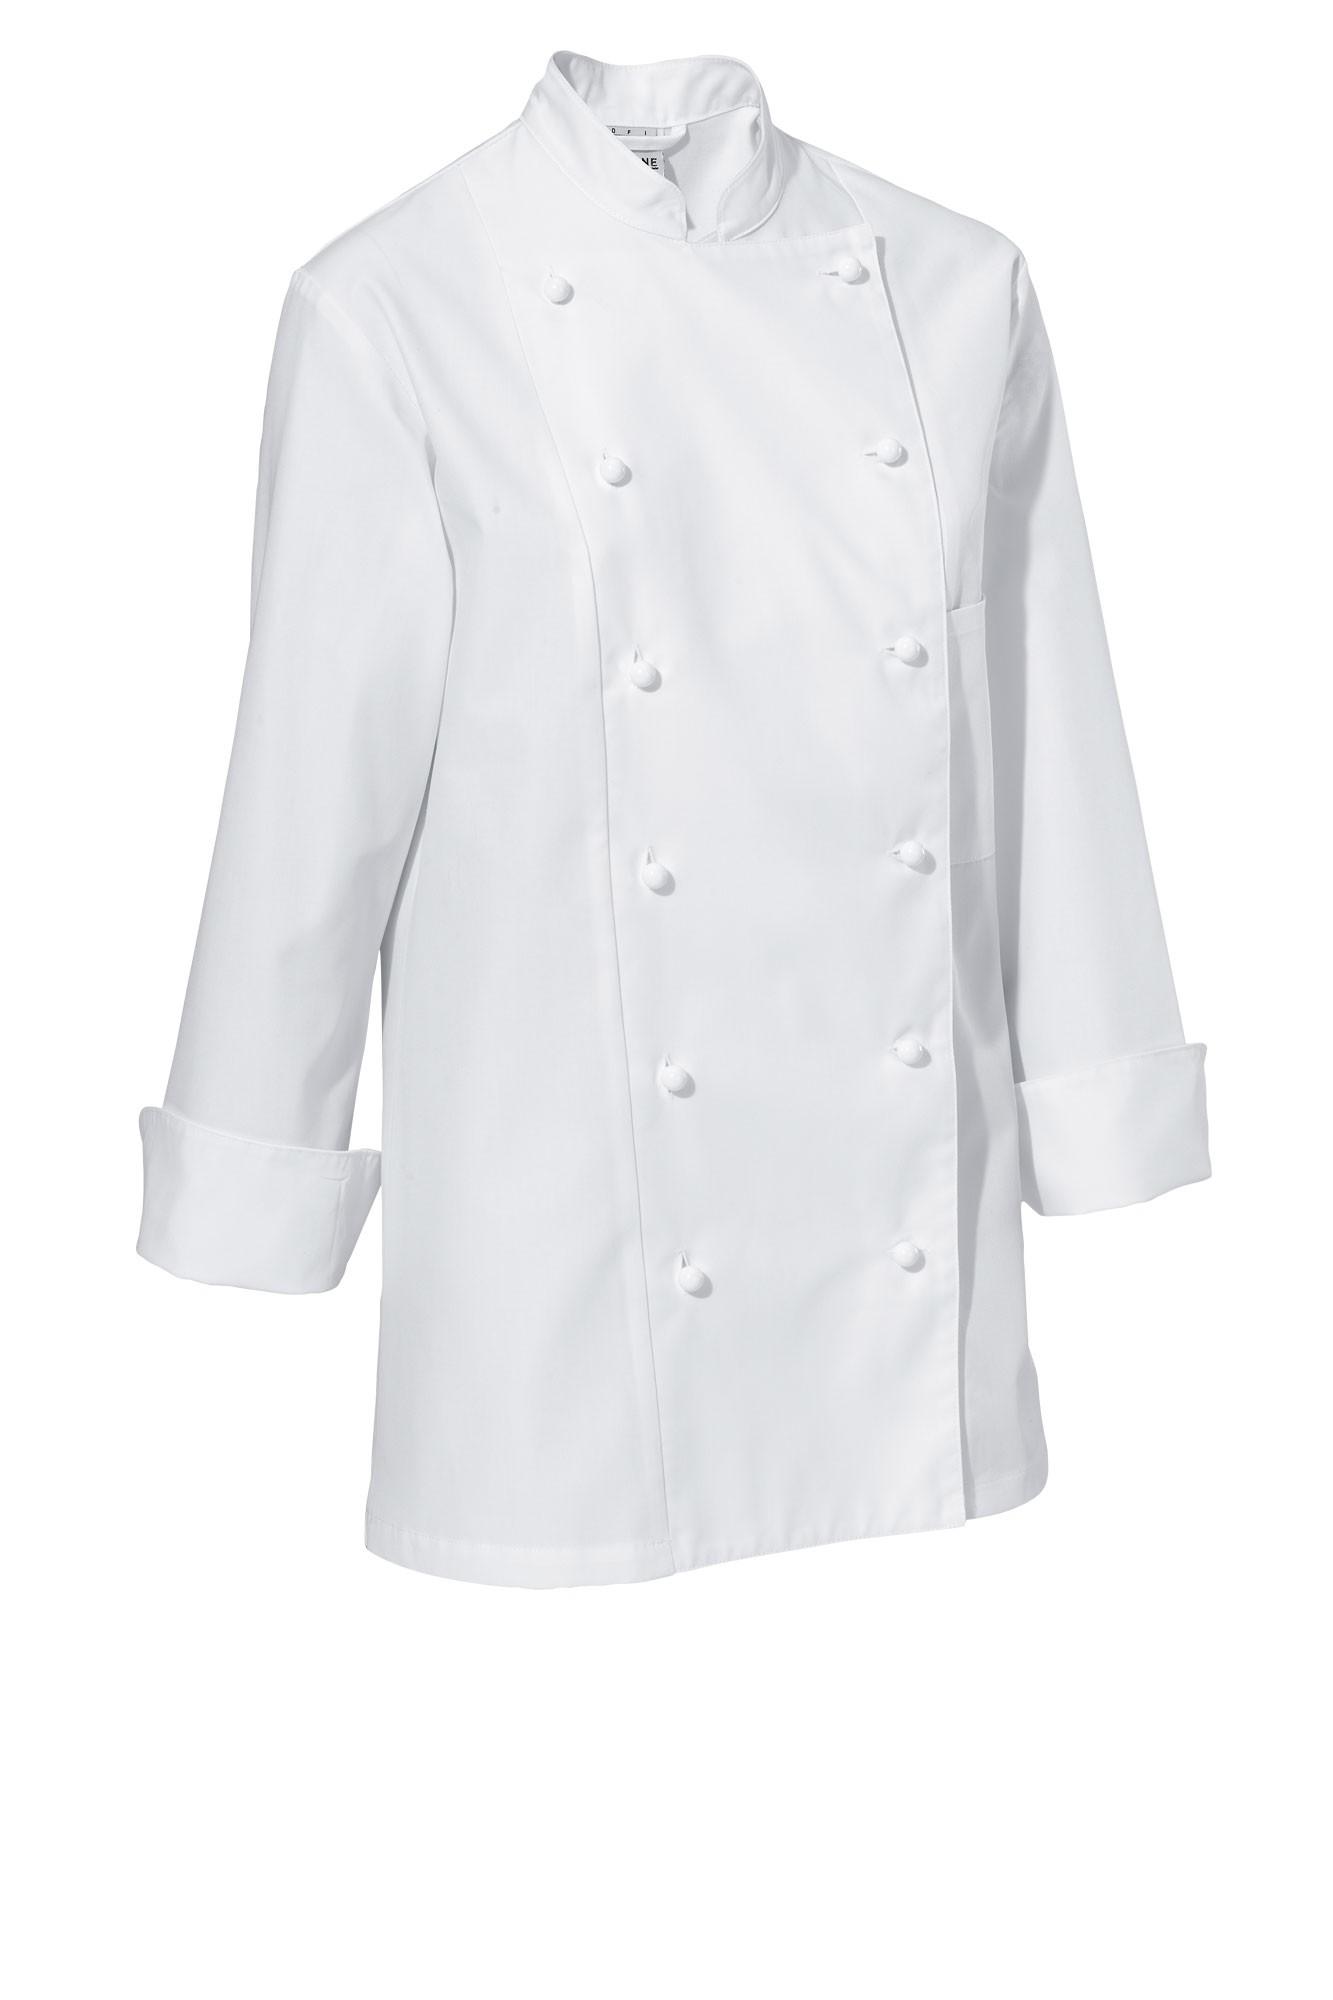 Rondon Aila - dlouhý rukáv - bílá/bílé lemování